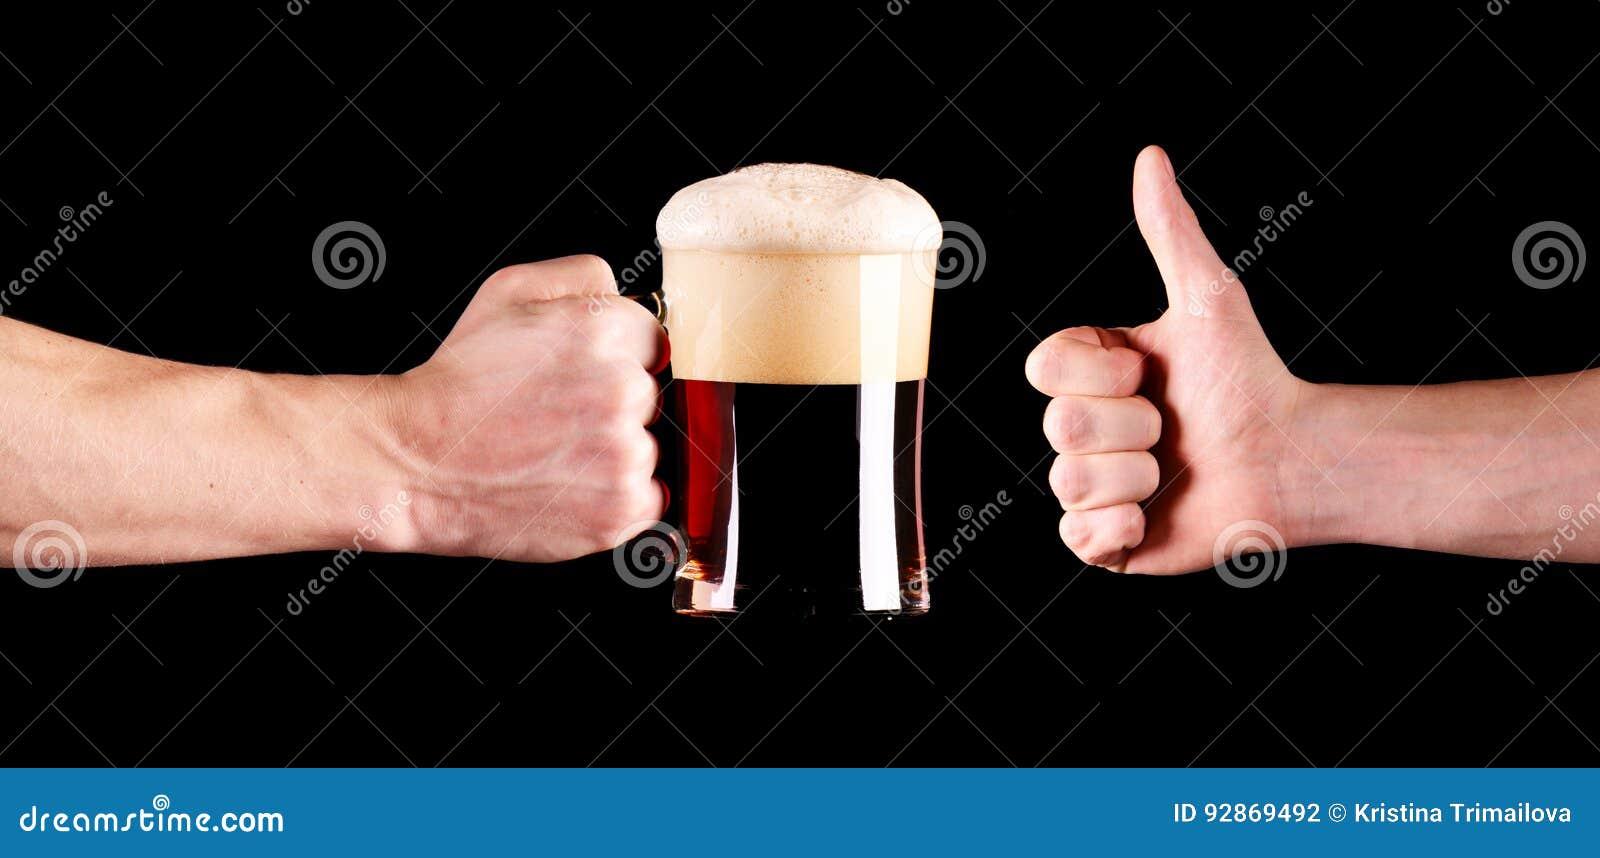 Ein Becher schwarzes Bier in der Kerlhand Daumen herauf die Hand lokalisiert auf schwarzem Hintergrund